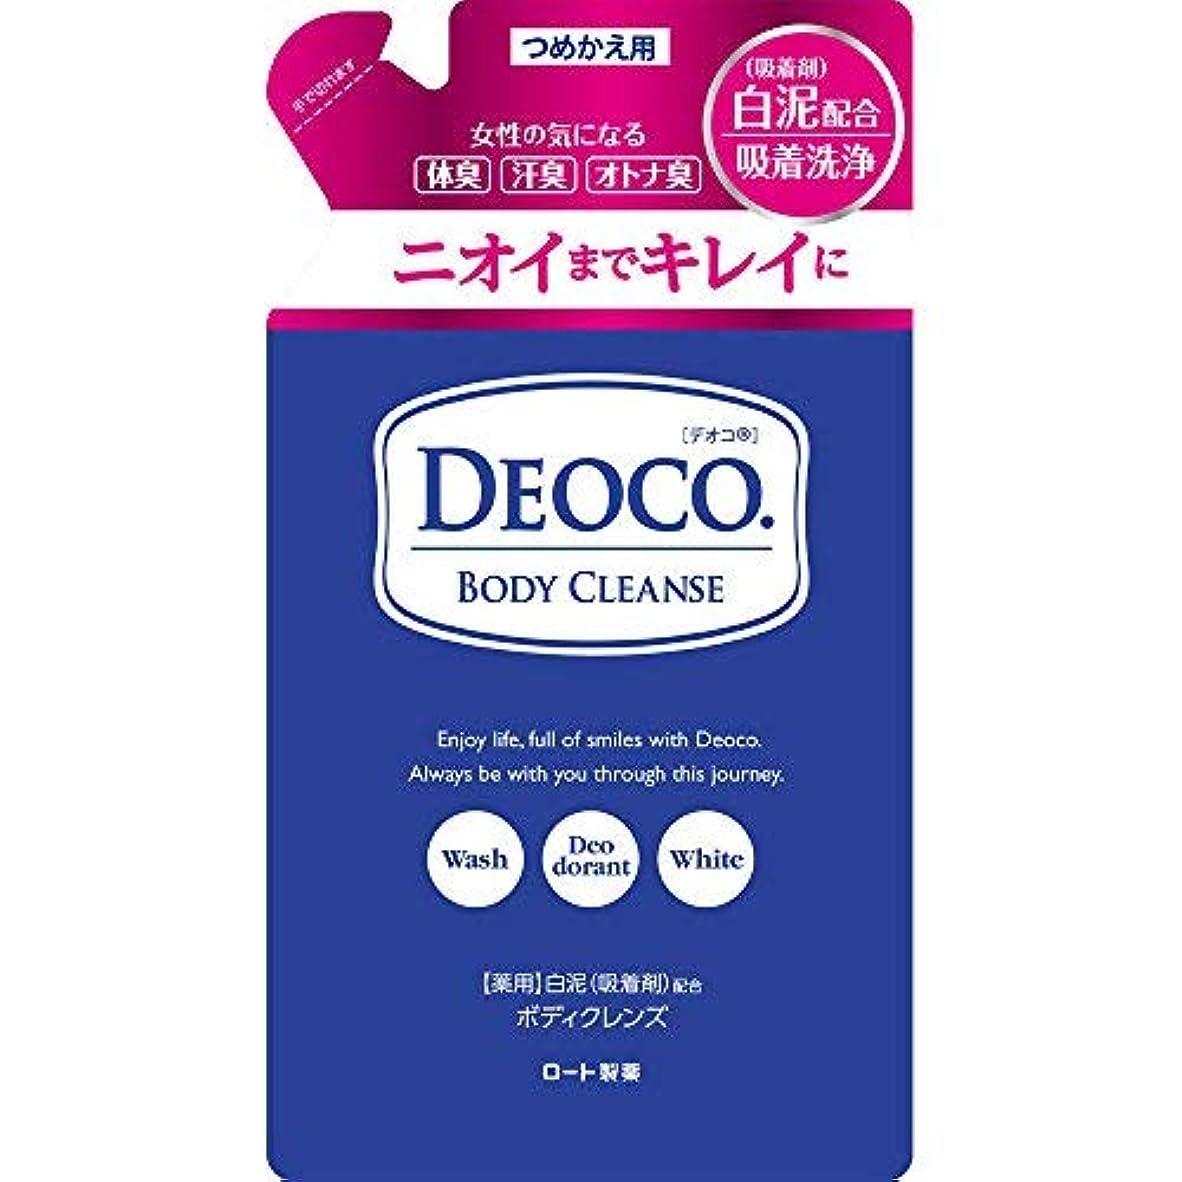 くしゃみ意味コンサルタントロート製薬 デオコ DEOCO 薬用 ボディクレンズ 詰め替え 250ml × 5個セット